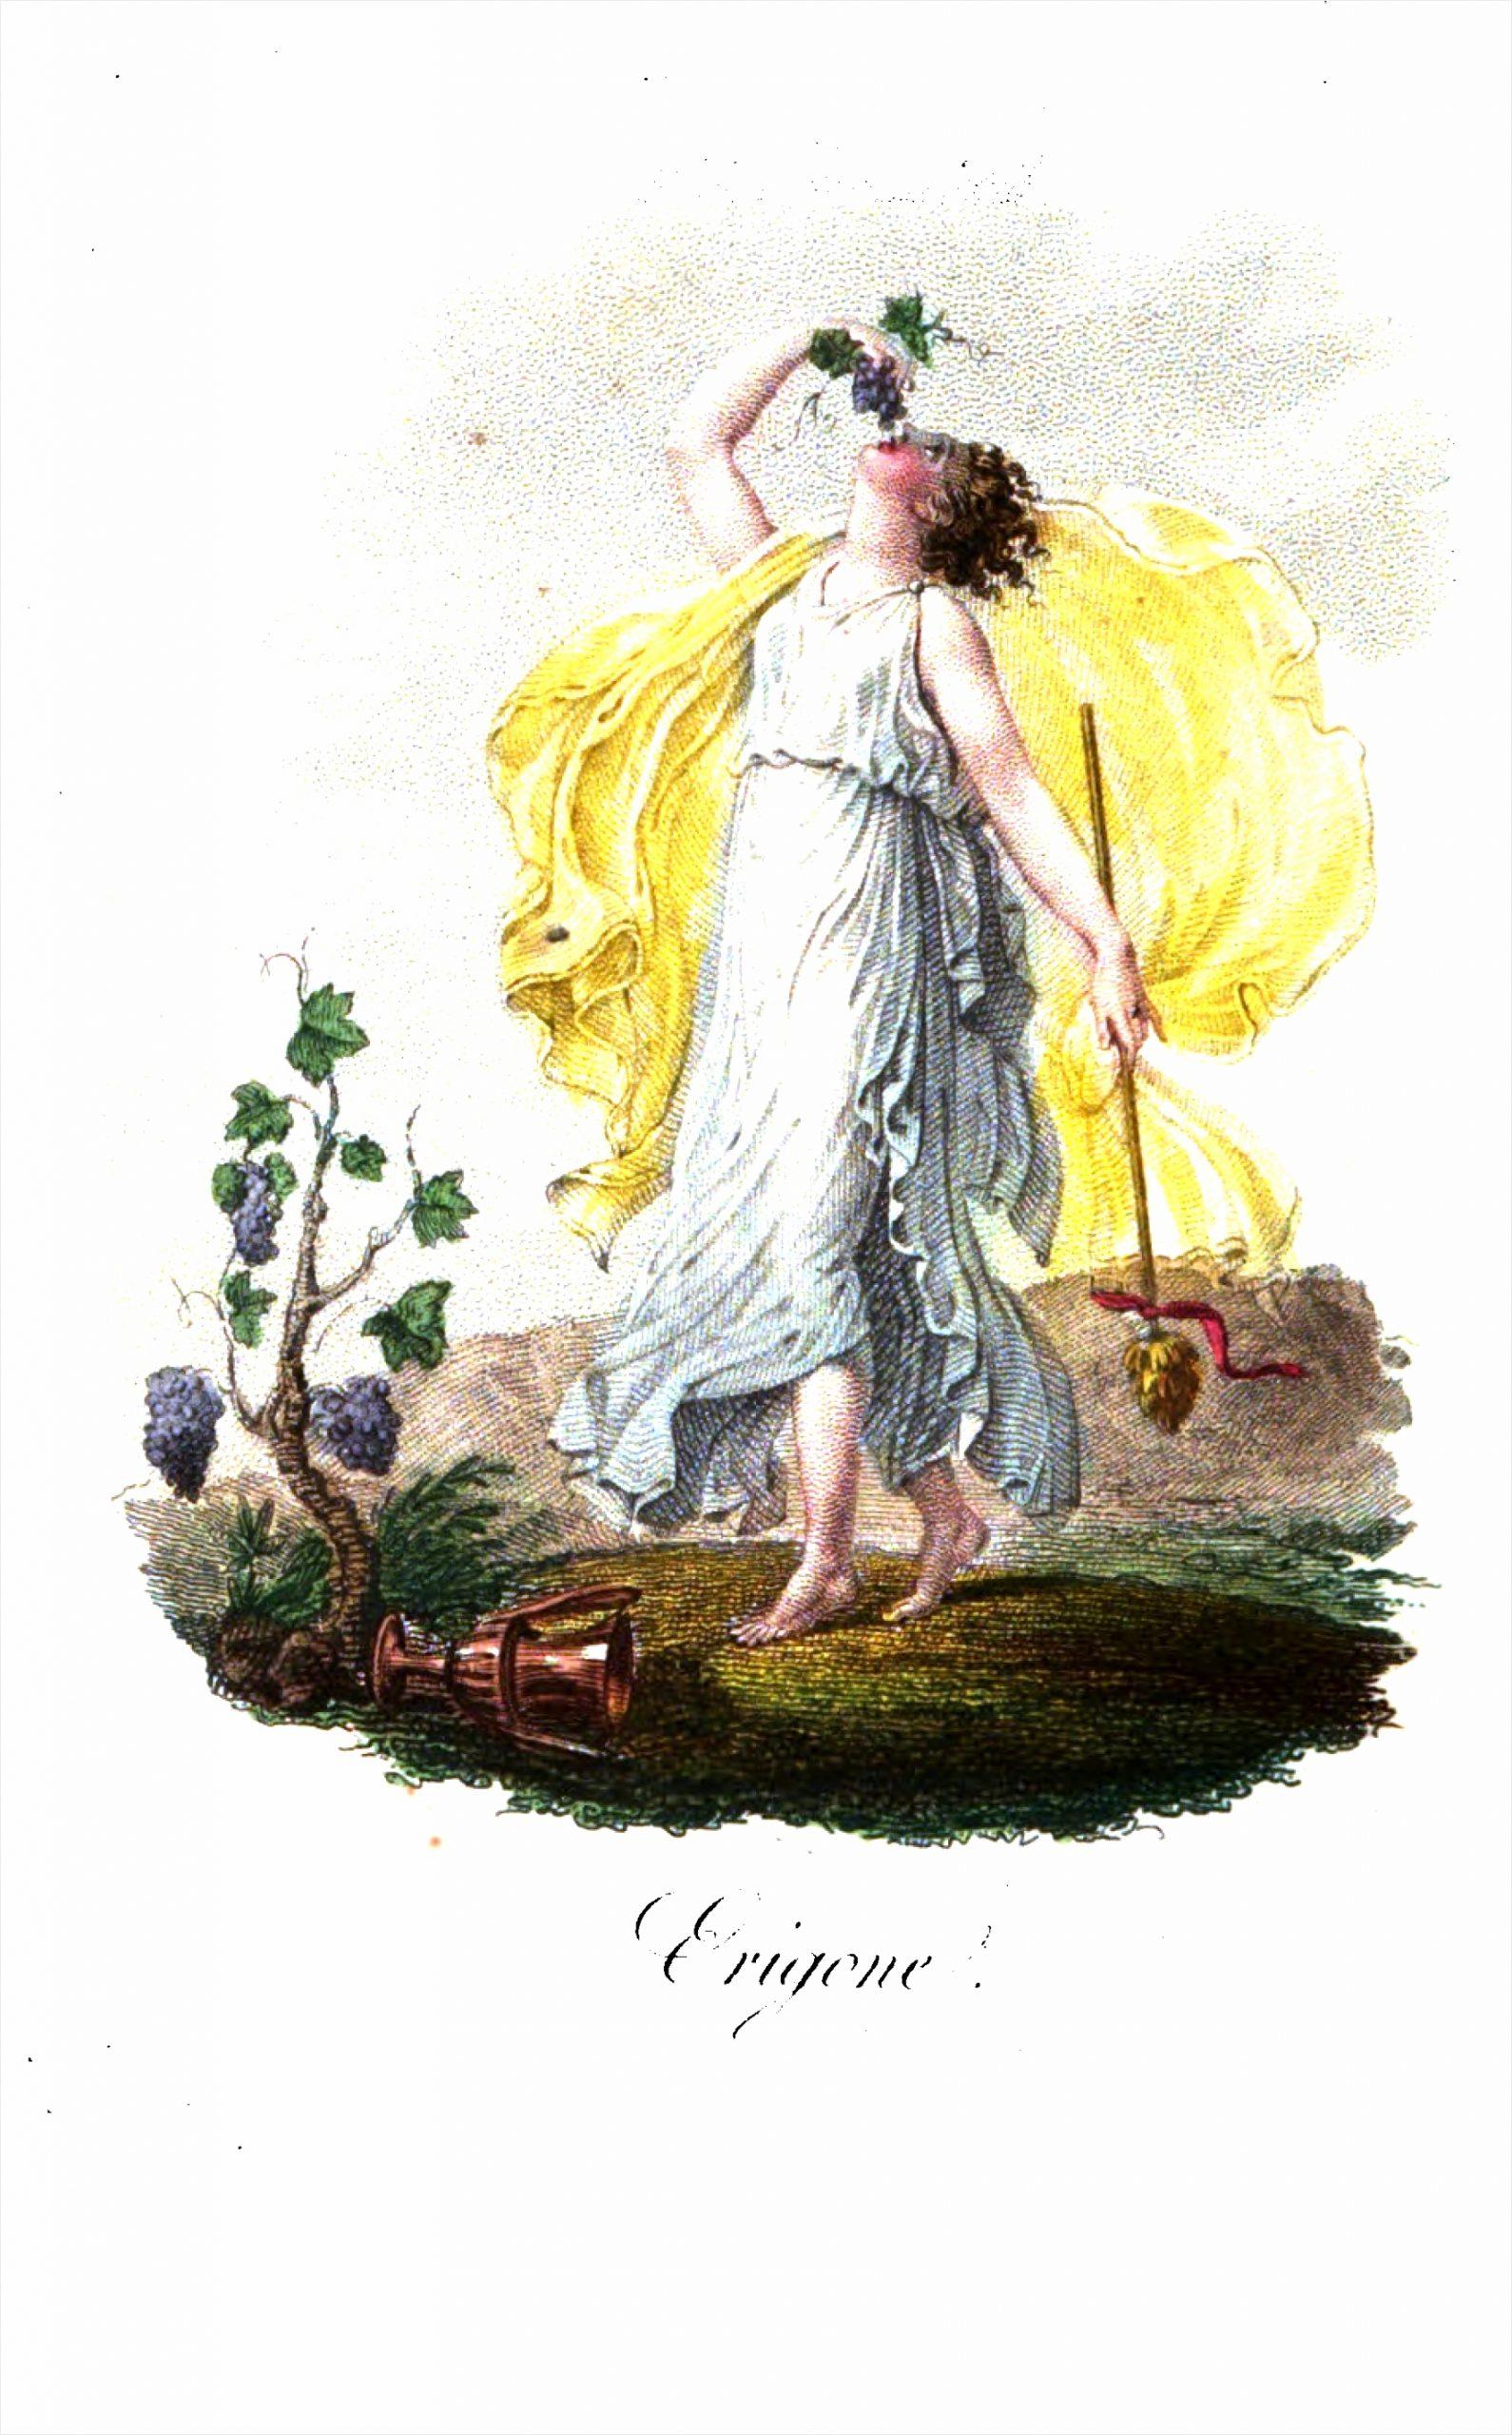 bres mythologie dames 1823 uuykr